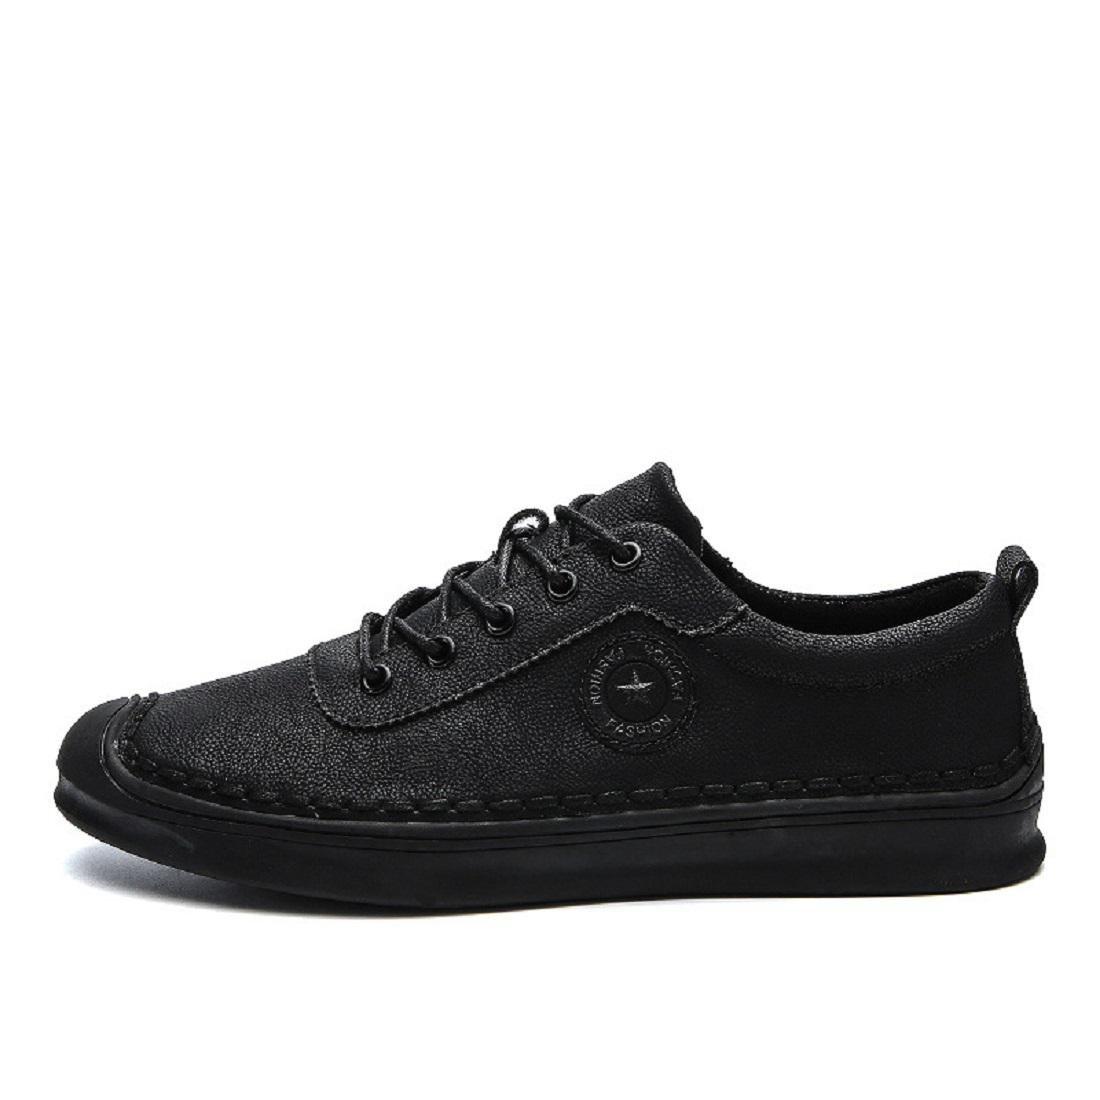 Herren Mode Freizeitschuhe Flache Schuhe Rutschfest Atmungsaktiv Licht Lässige Schuhe Werkzeugschuhe EUR GRÖSSE 39-44